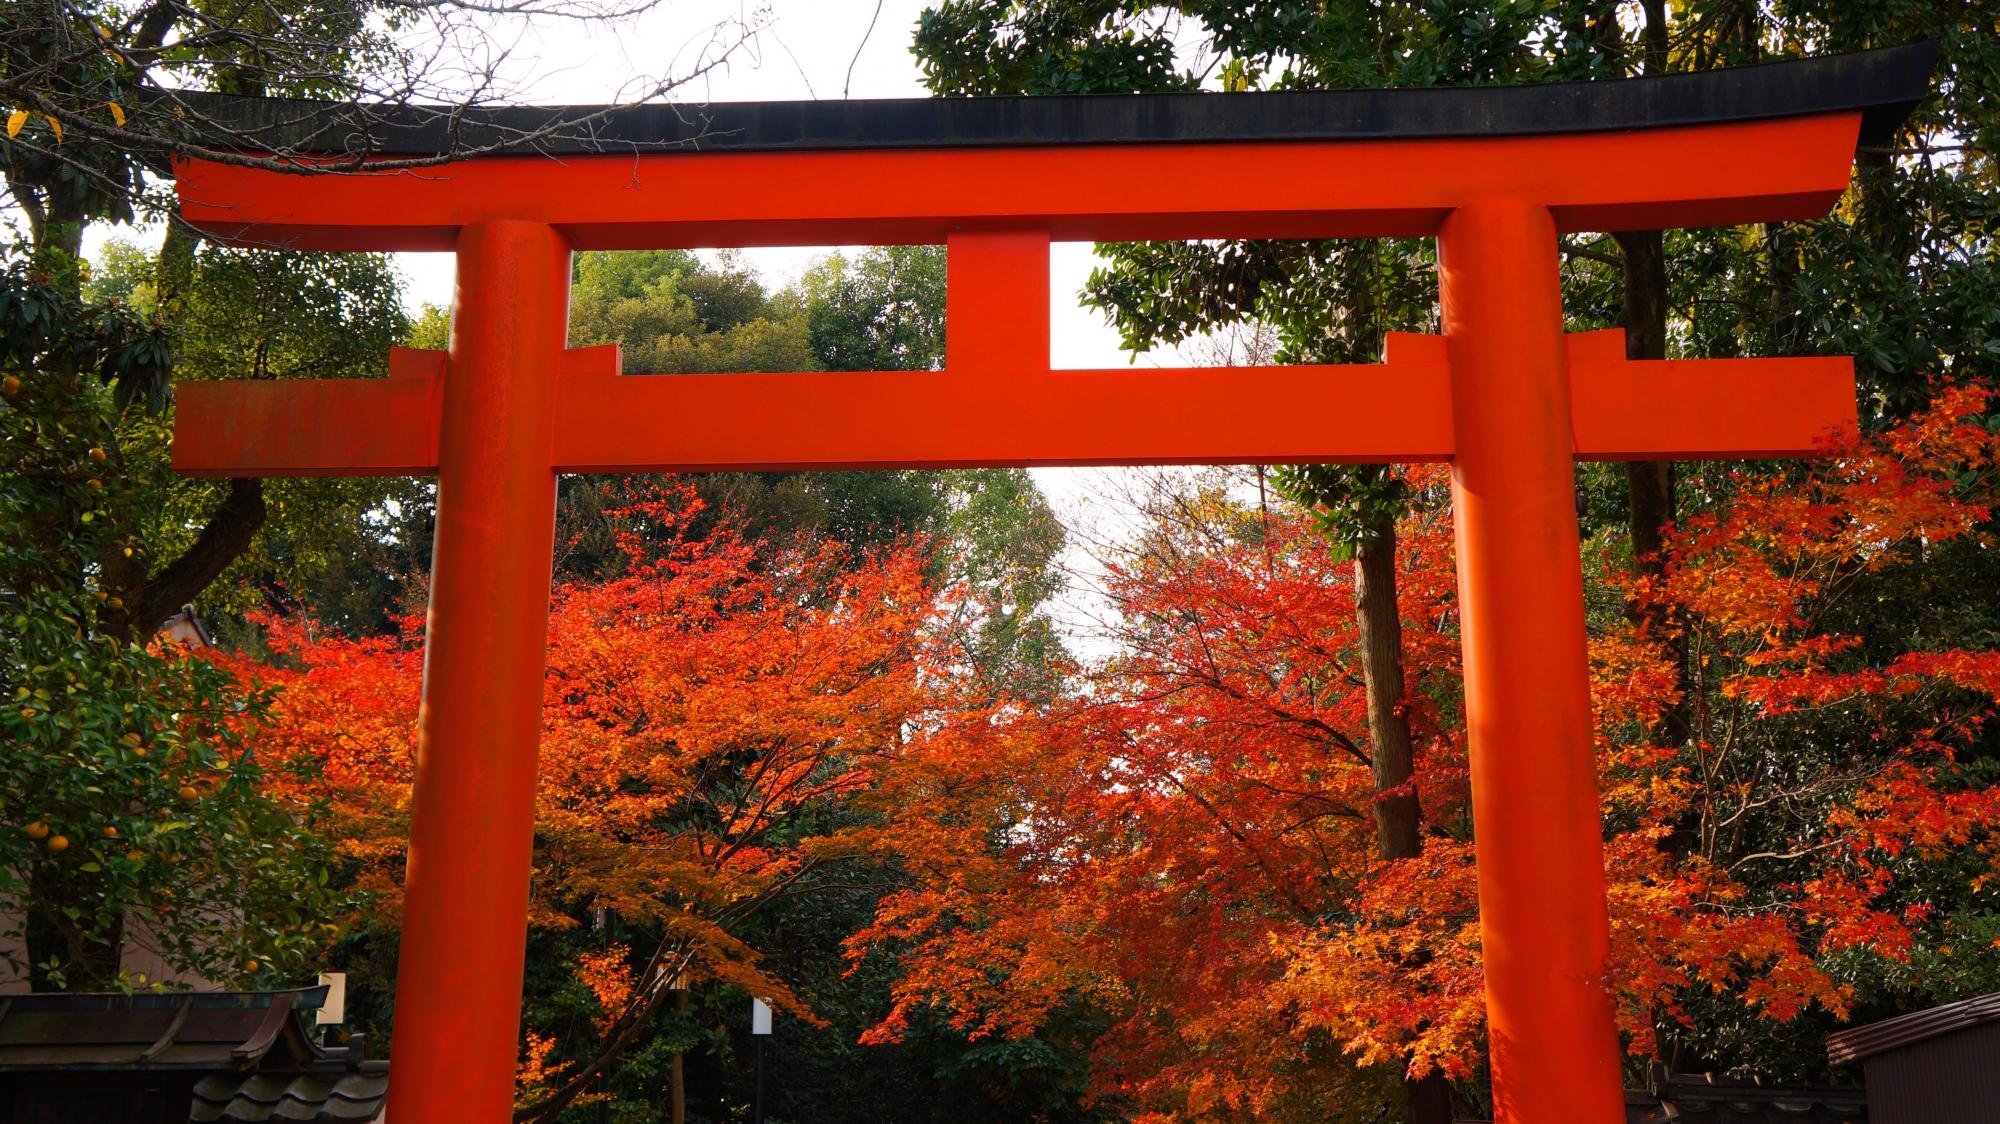 円山公園から眺めた八坂神社の東北門の鳥居ともみじ